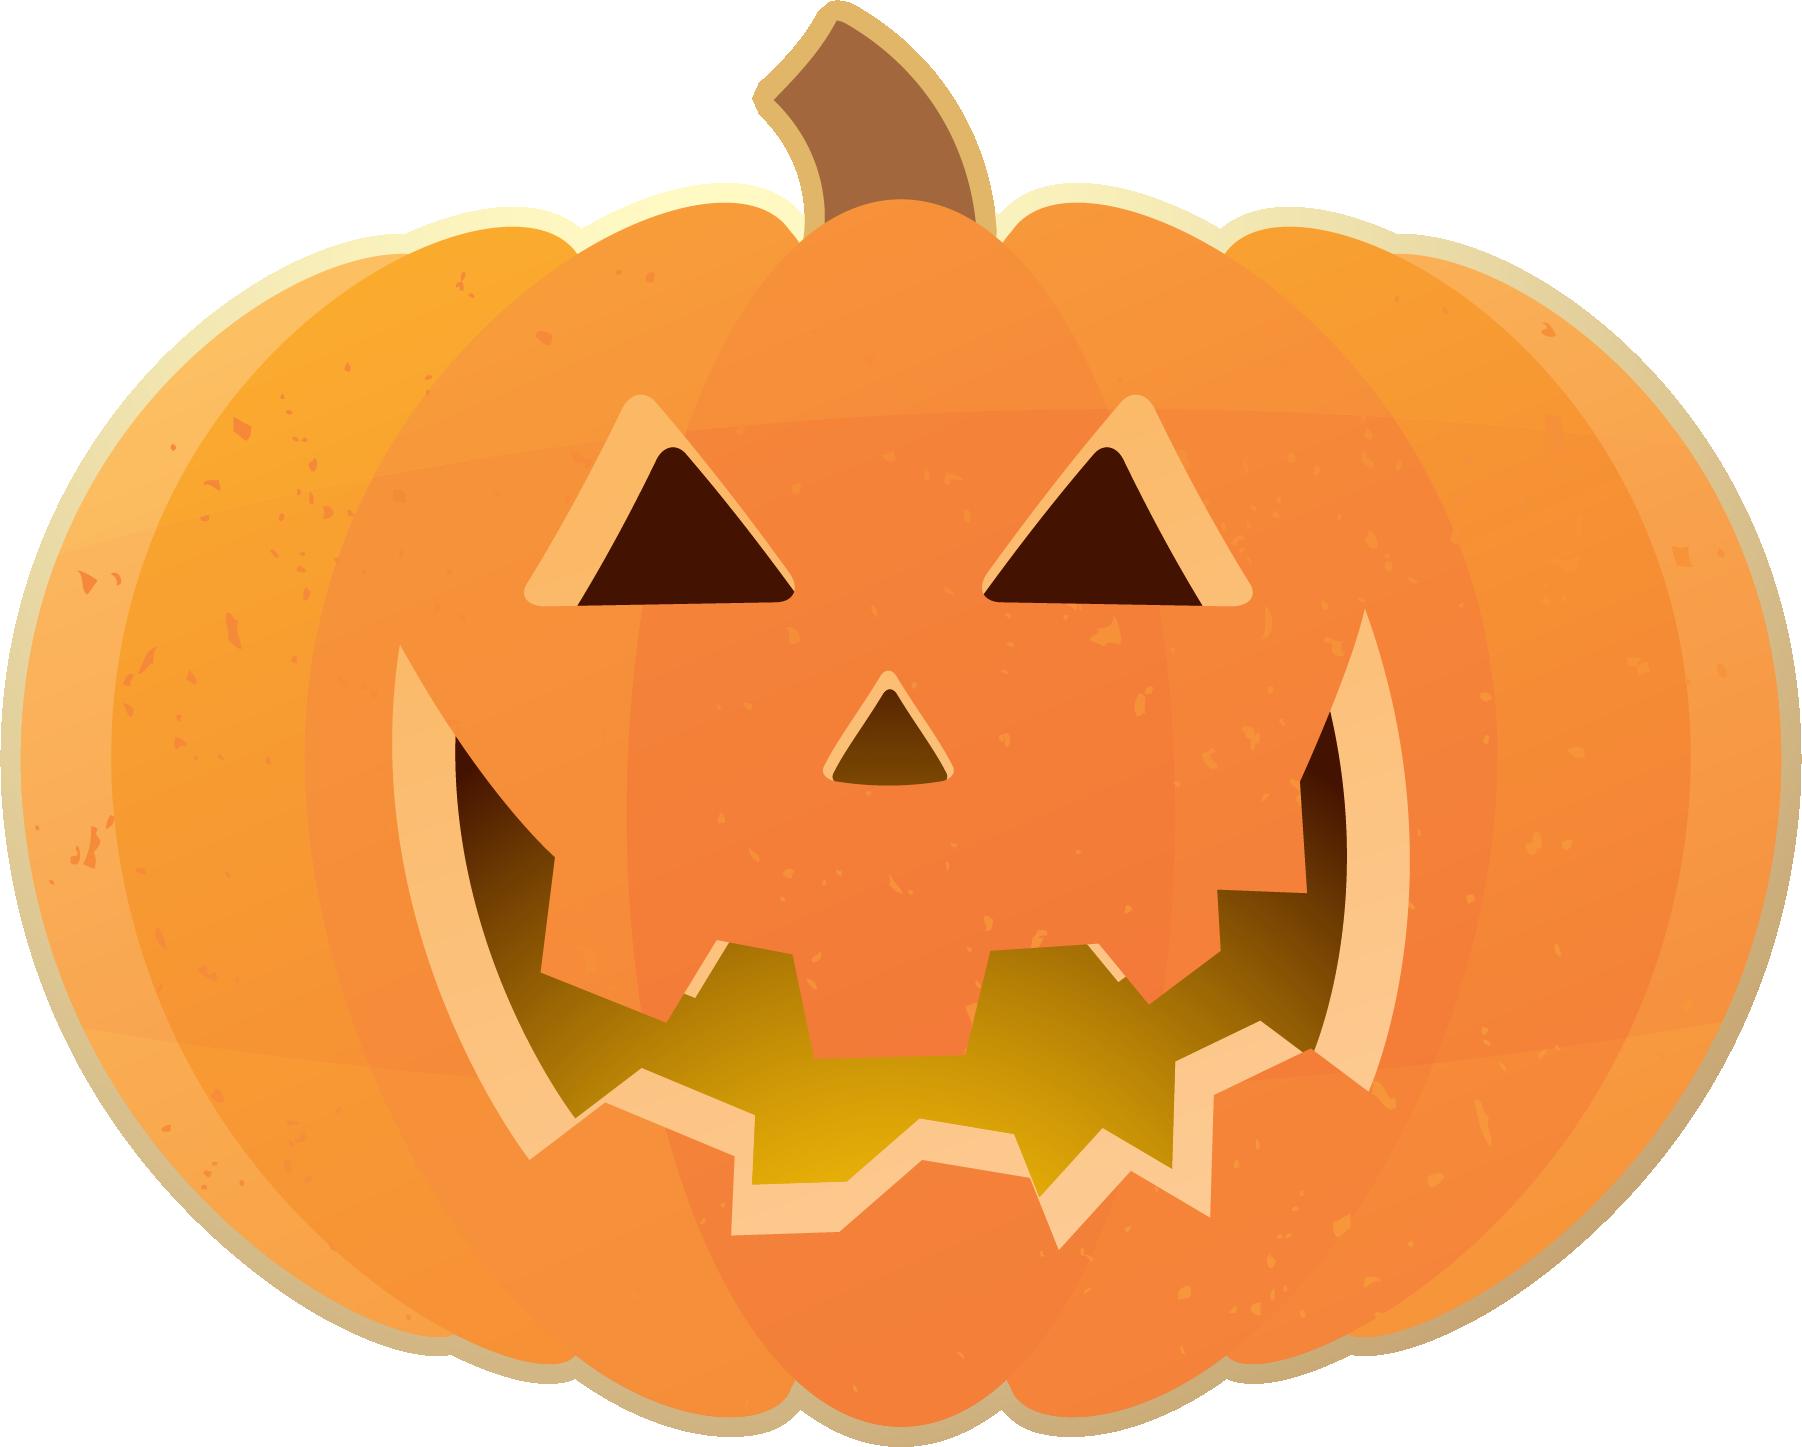 1802x1447 Pumpkin Clipart